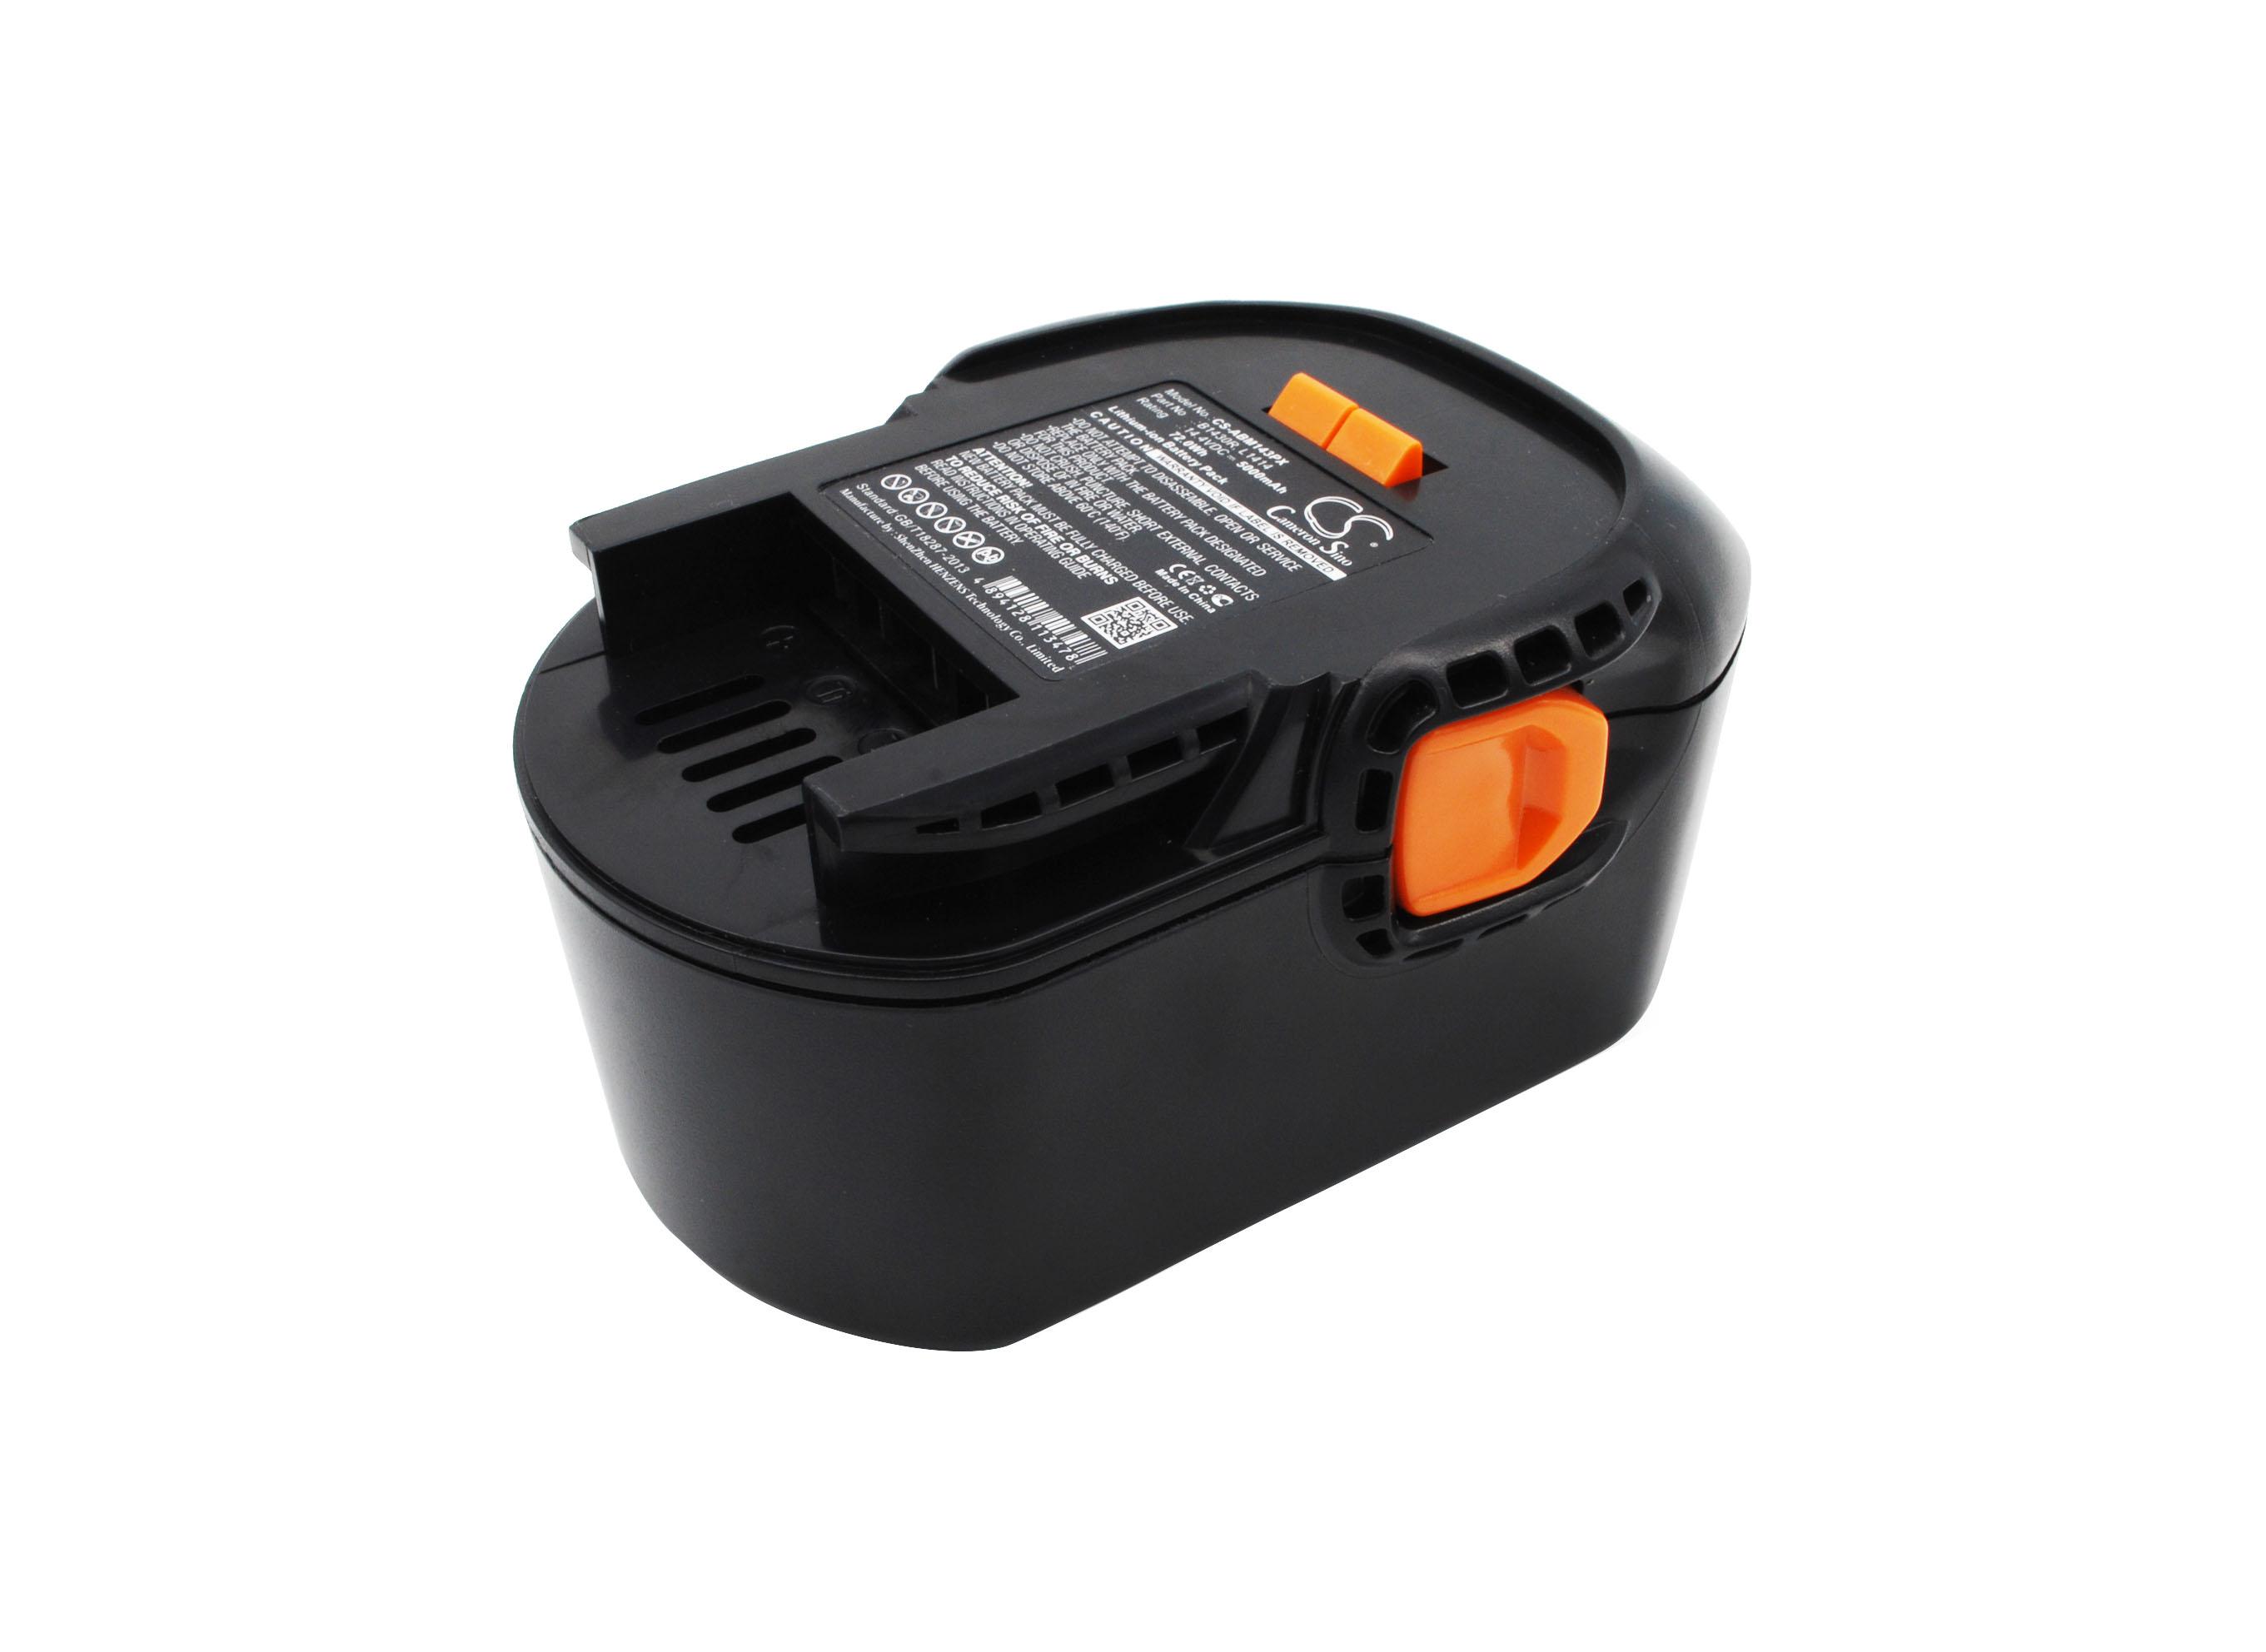 Cameron Sino baterie do nářadí pro AEG BSB 14 STX 14.4V Li-ion 5000mAh černá - neoriginální